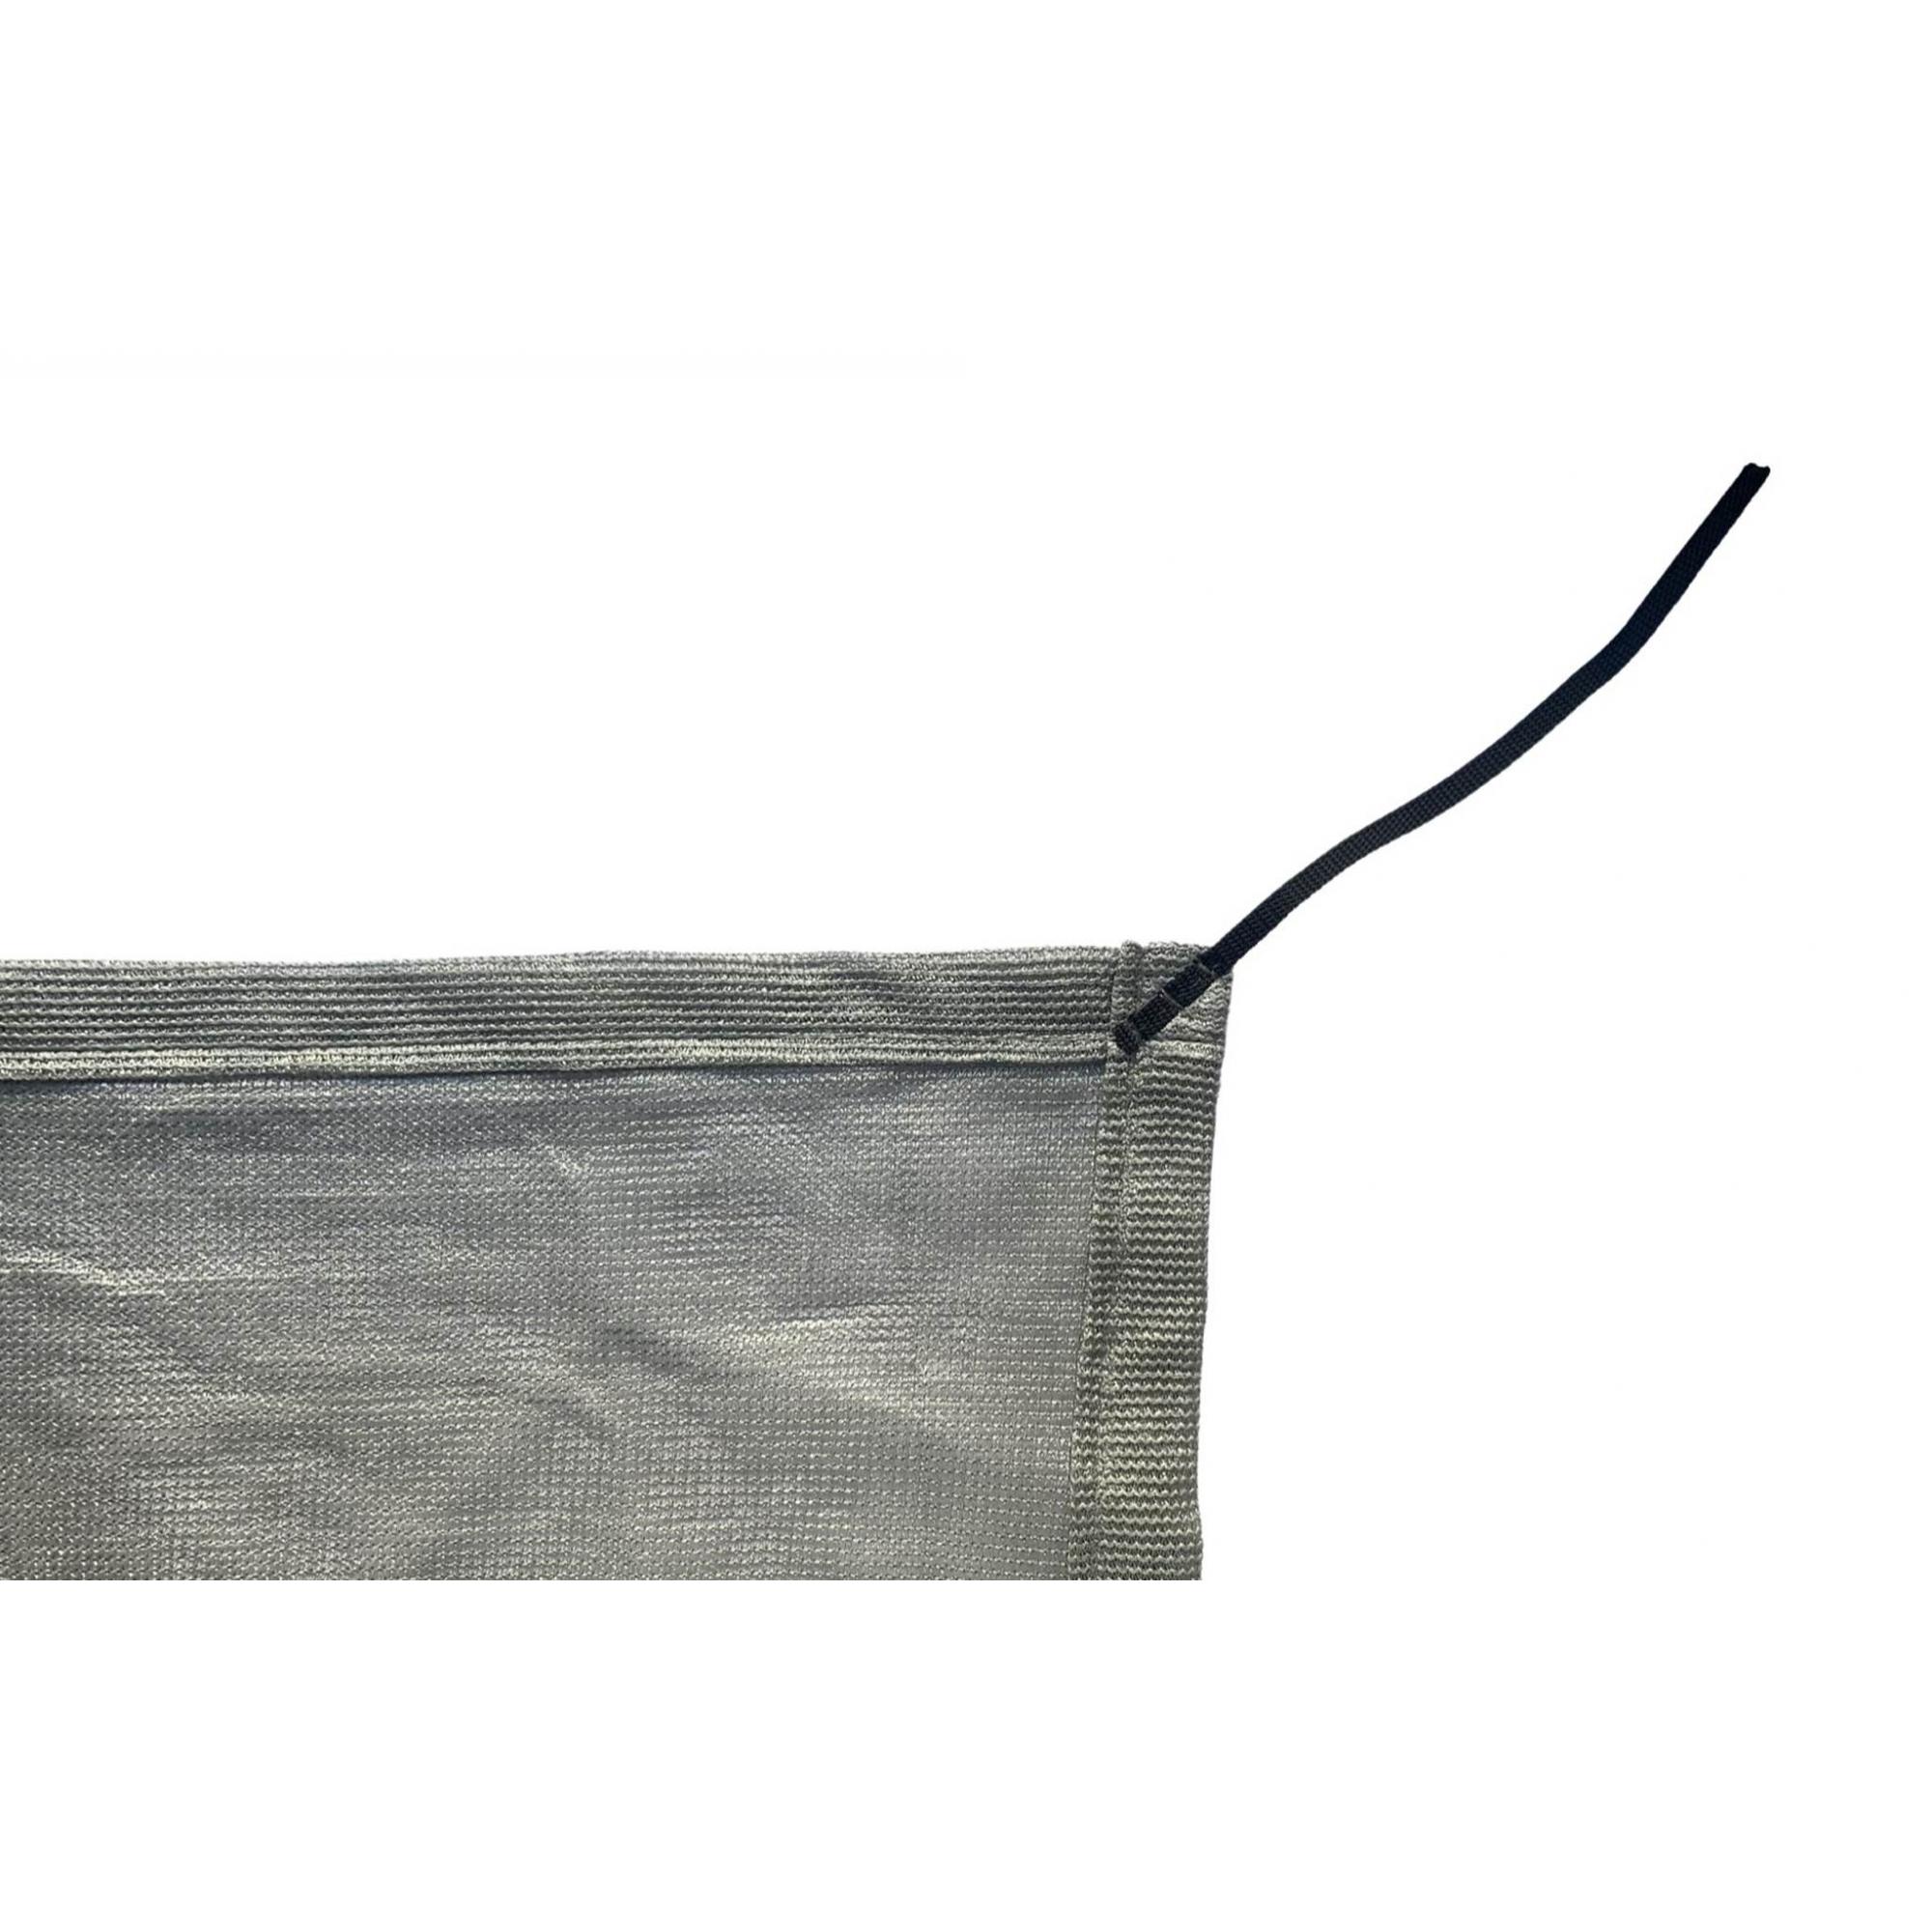 Tela de Sombreamento 80% Prata com Esticadores - Largura: 4,5 Metros